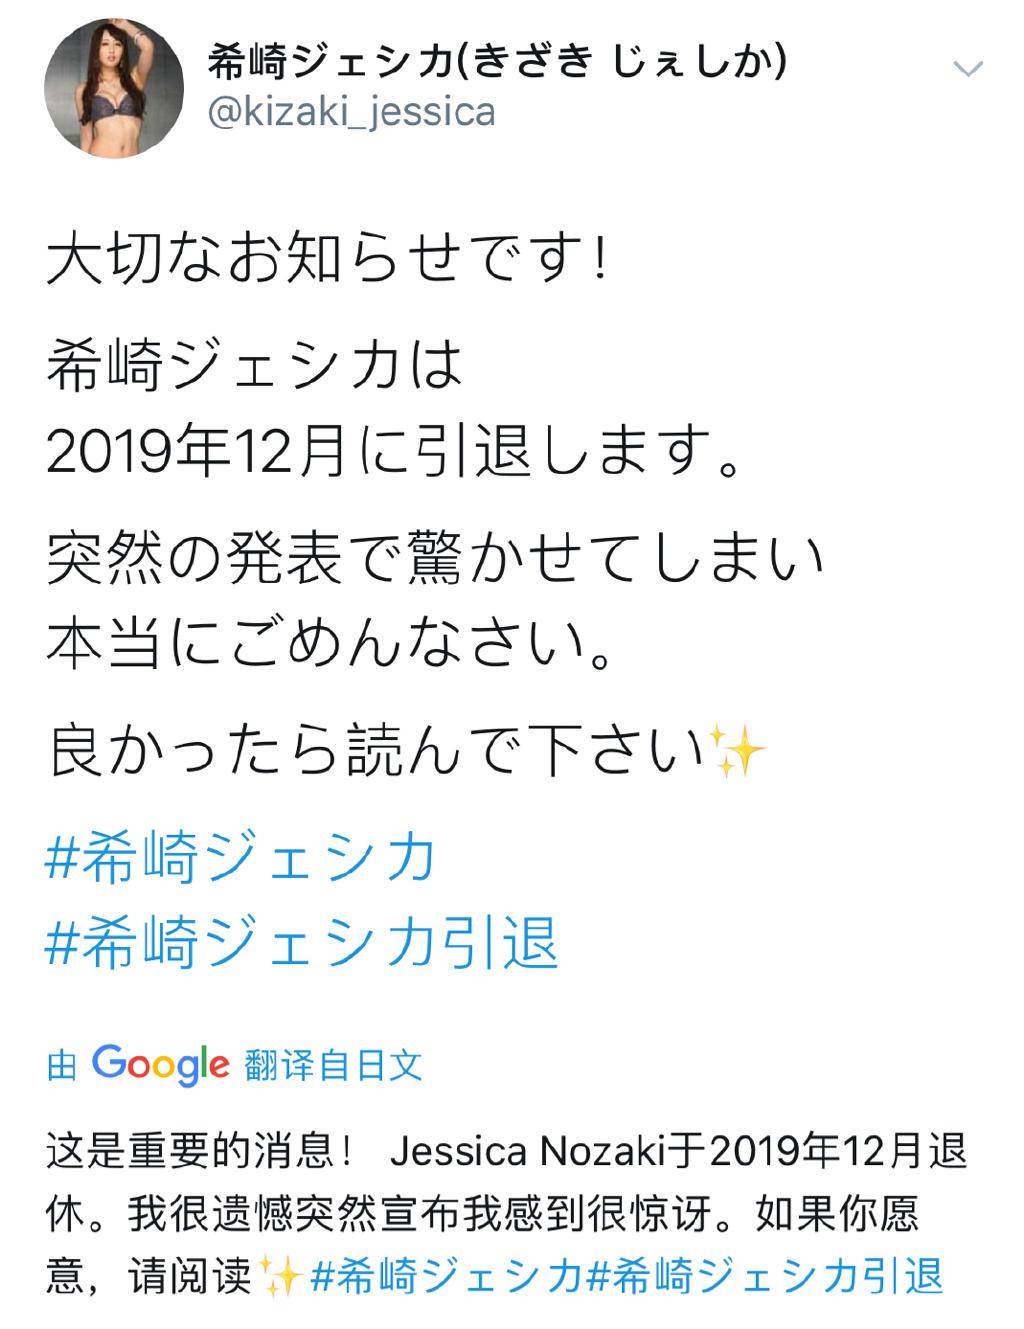 希崎杰西卡30岁生日却宣布引退 11年生涯就此结束